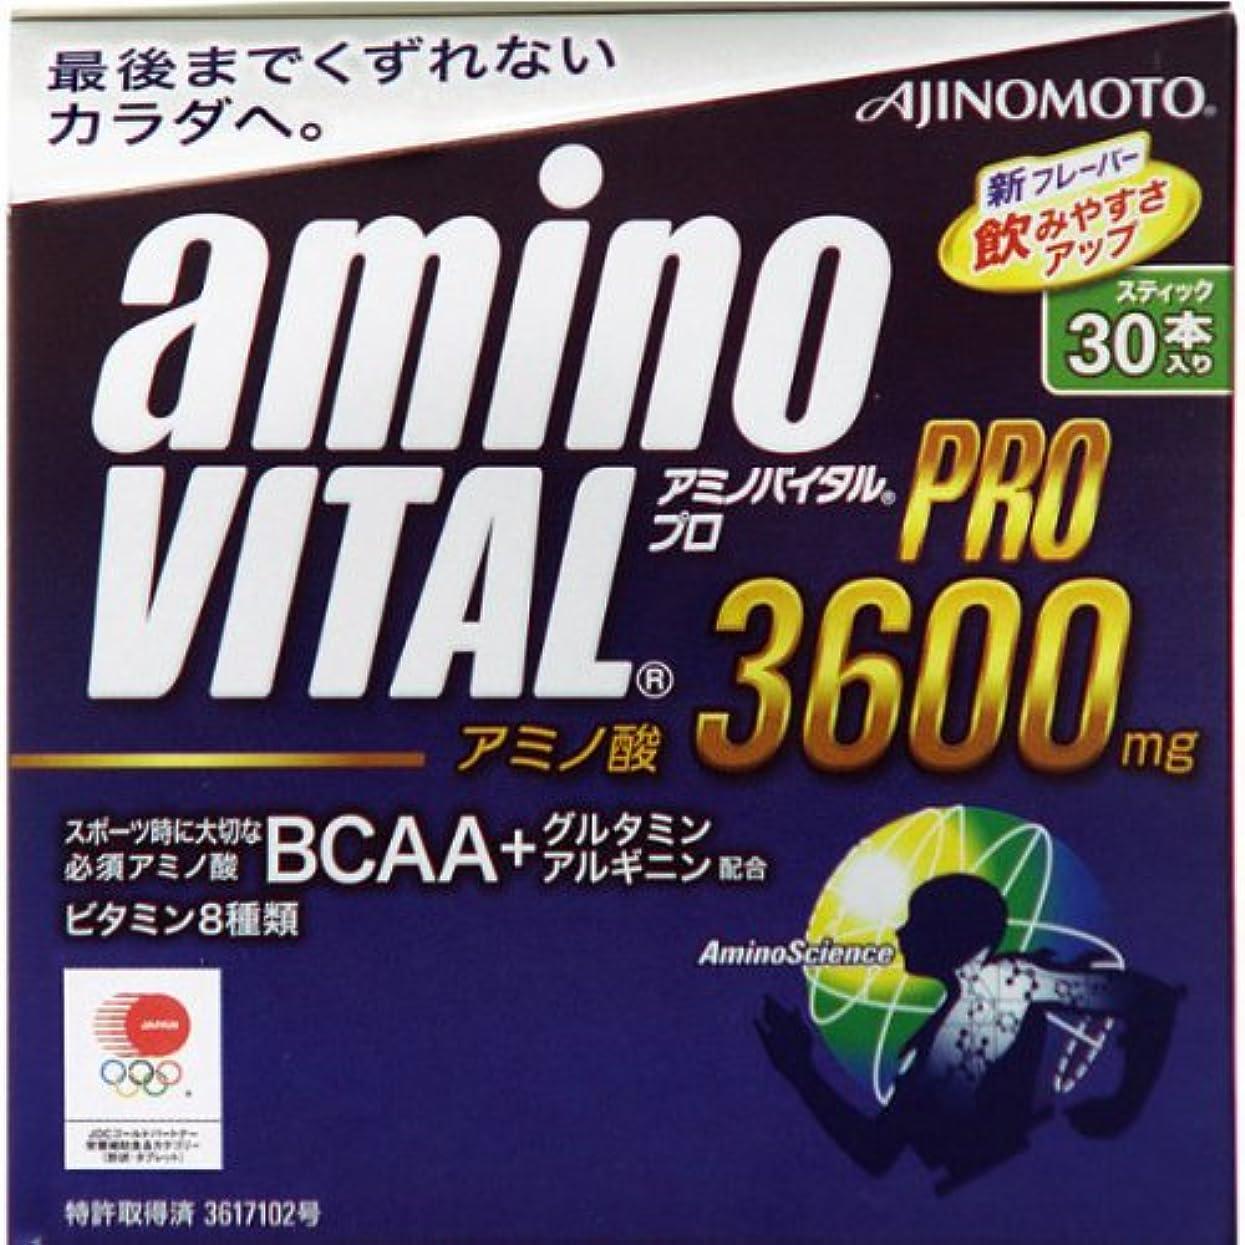 台無しに憂鬱麦芽amino VITAL アミノバイタル プロ アミノ酸3600mg 4.5g×30本入り